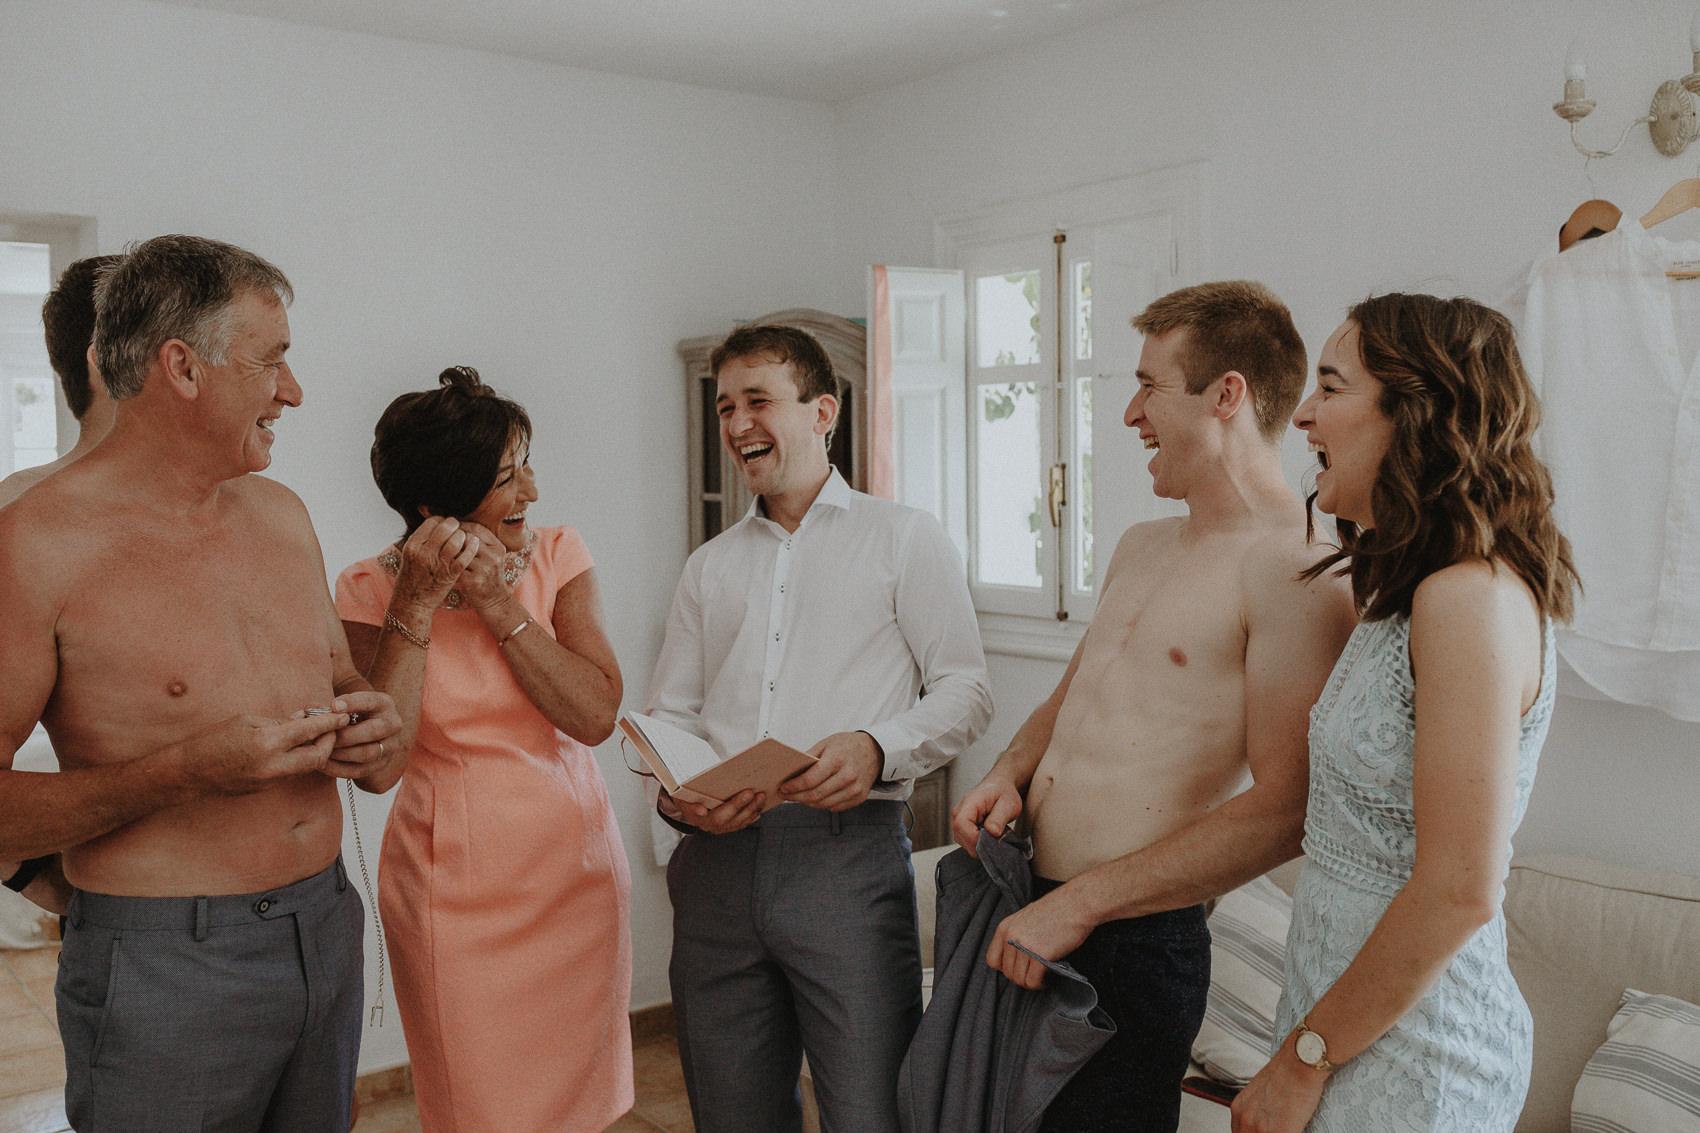 Sarah & Bill | Summer wedding at Cortijo Rosa Blanca | Marbella - Spain 32